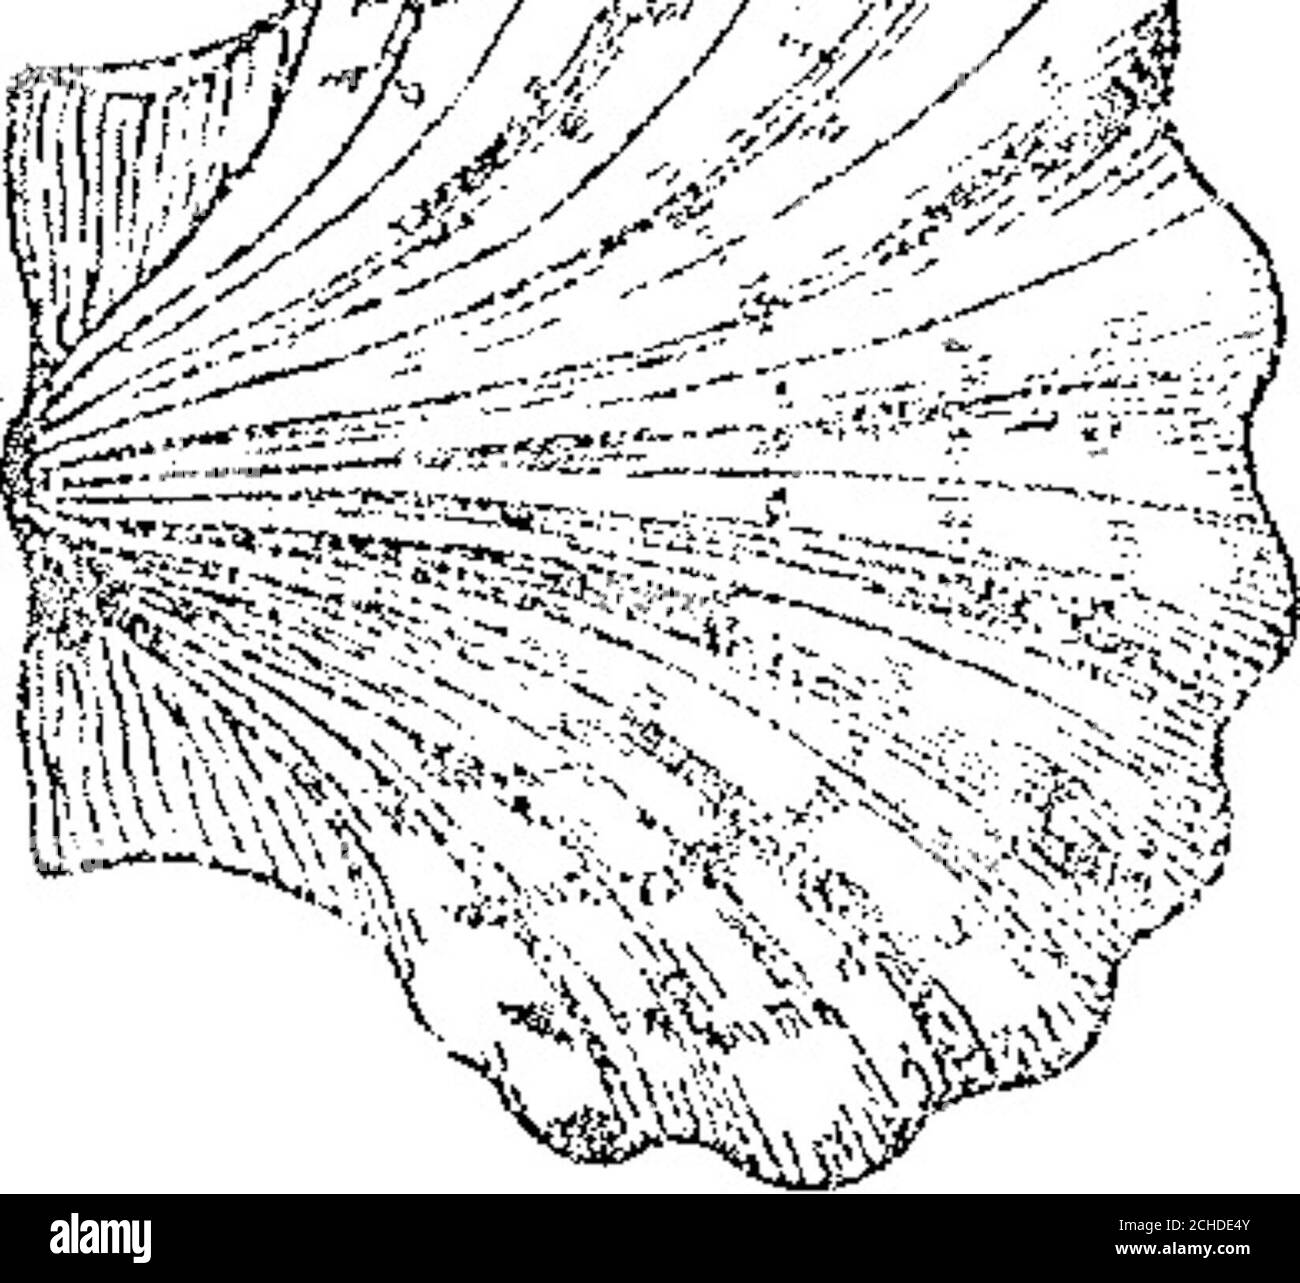 . Boletín Oficial de la República Argentina. 1908 1ra sección . 10 L fe tí Ñ OFiCiÁC AílÍJB SBÜ 23 5<)í Junio 25 de 1908—Luis Bazzi,—Artículos delas clases 61 á 70. v-3-julio. Fflswa rcsiBiíoiaíl» as1 a:5.ií7 ferie Ní Ül &íl£ /a # 7 • LACnMCHA. Conedida en Noviembre 8 de 1904, pro-piedad d ¡os señores Echfgaray Hnos y Cíaquienes renuncian a esta Marca en cuanto se refiere á nafta, bencina y demás ciencias y espí-ritus de petróleo pí¡a motores de la clase 9únicamente. v-julio 3. ACIA si0 SSS.SOJS sí¥l ¿3.5 24 V Junio 25 de 190R.--Chissa Hermano?.—Ar-tículos de las clases 2, 29 y 33 Foto de stock